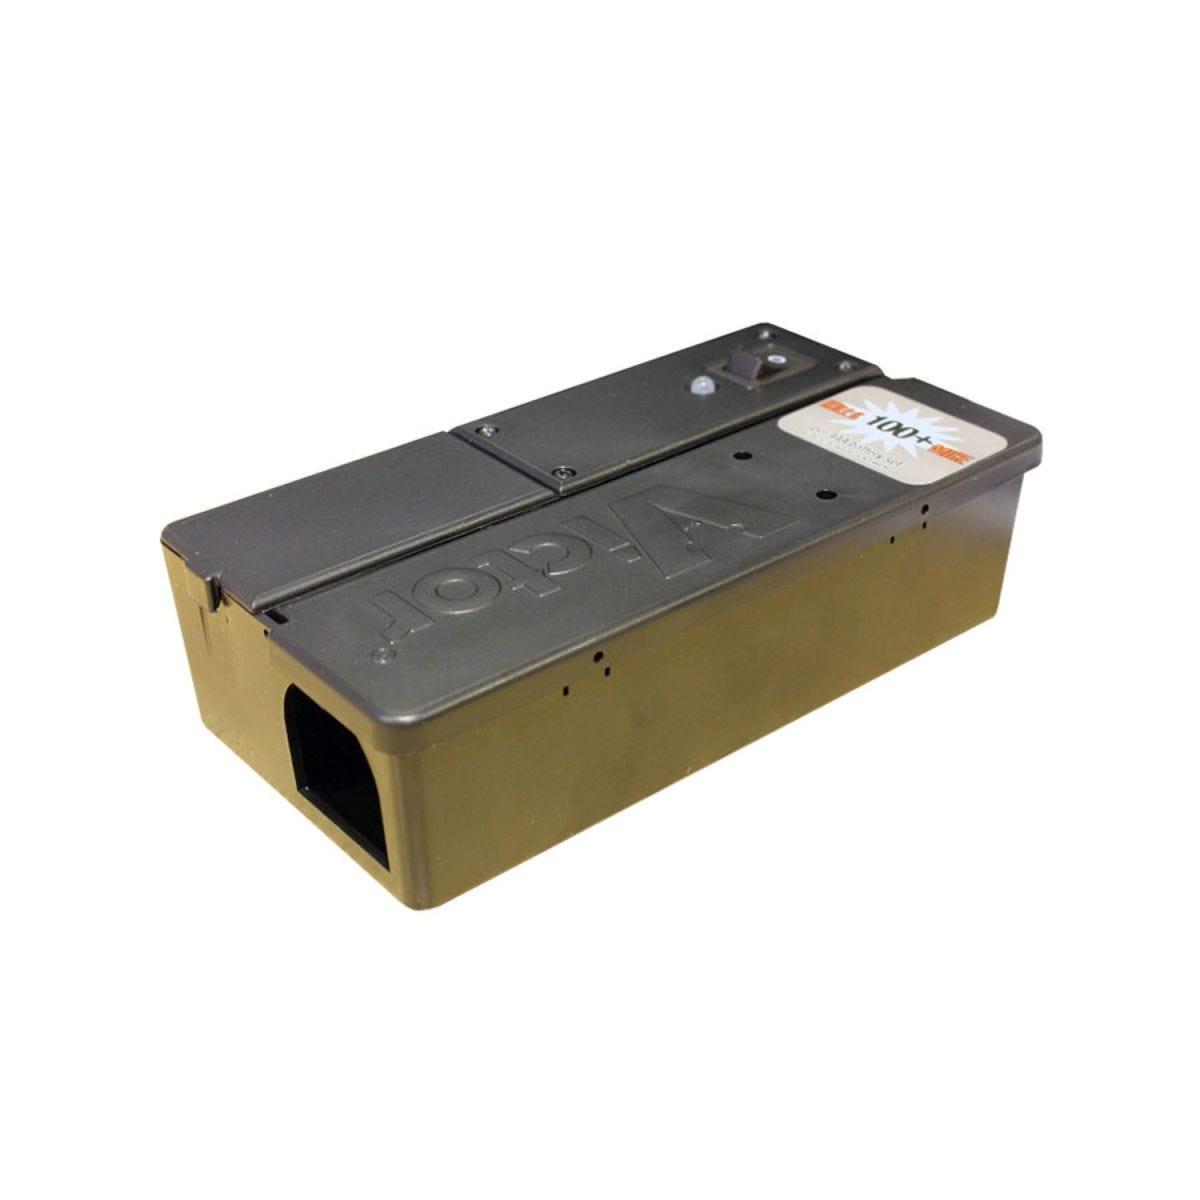 Rentokil FE35 Electronic Mouse Trap